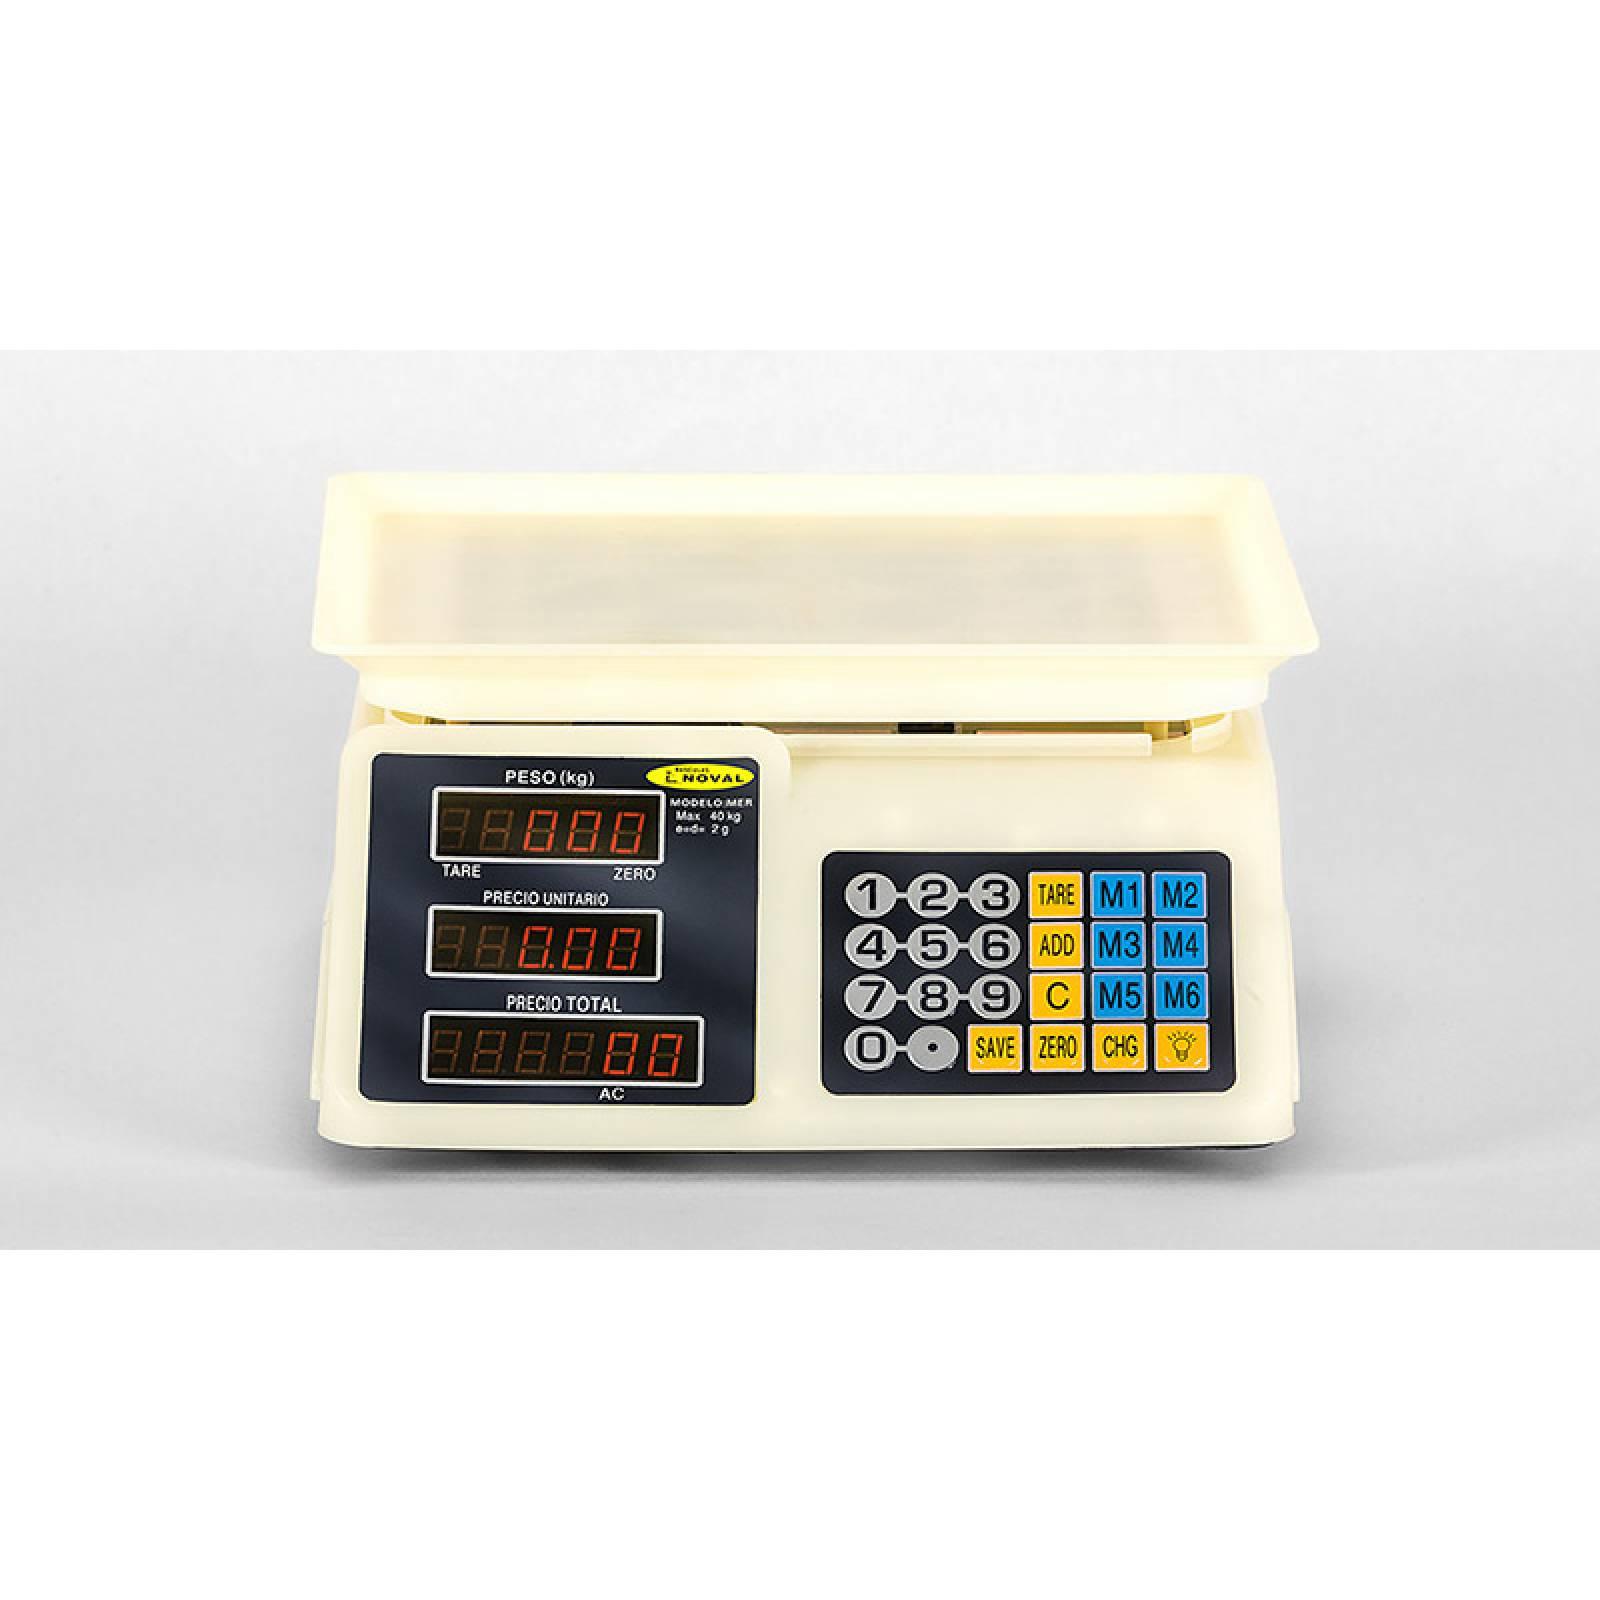 Bascula  40 Kilos Acabado ABS Bateria Recargable MER Noval